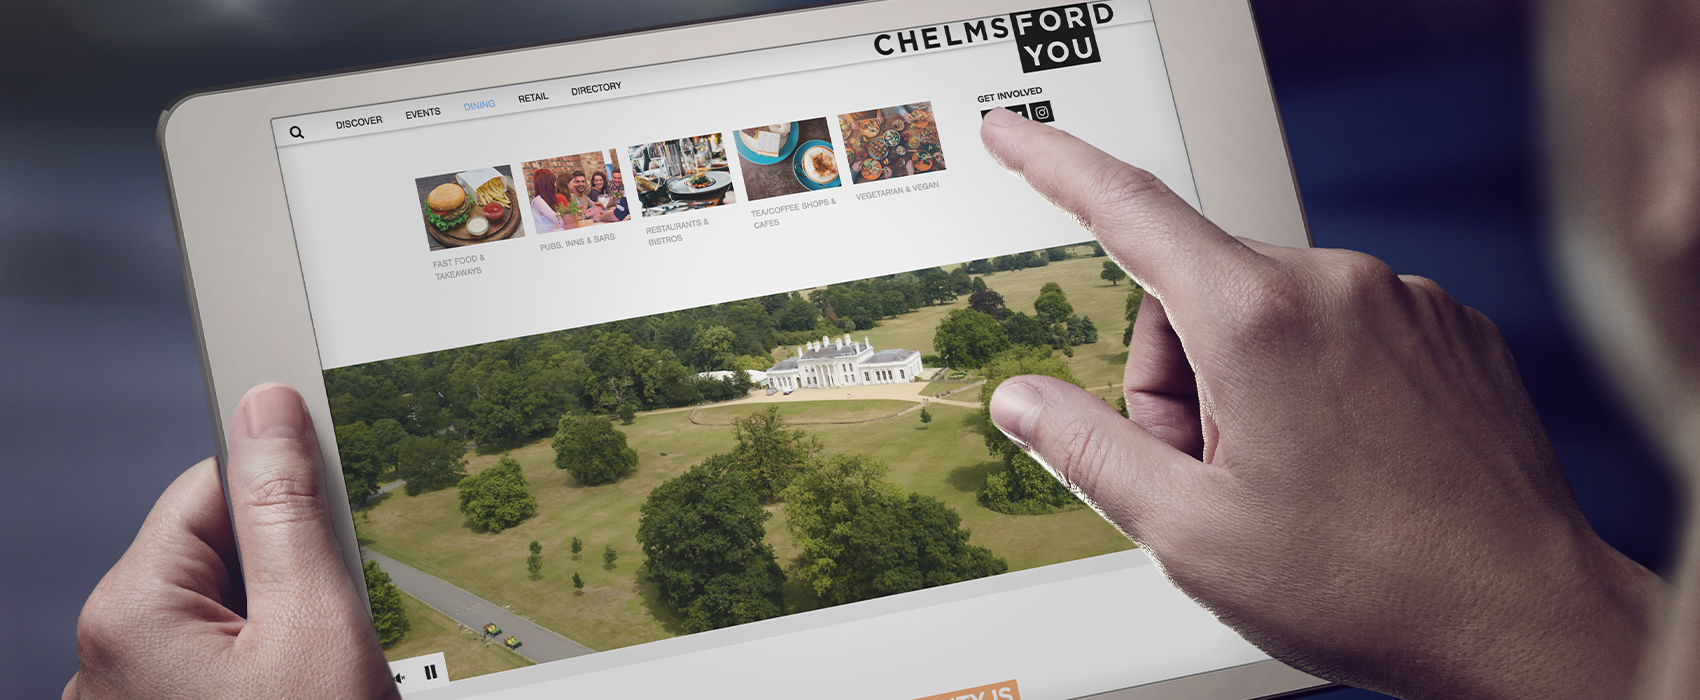 Chelmsford